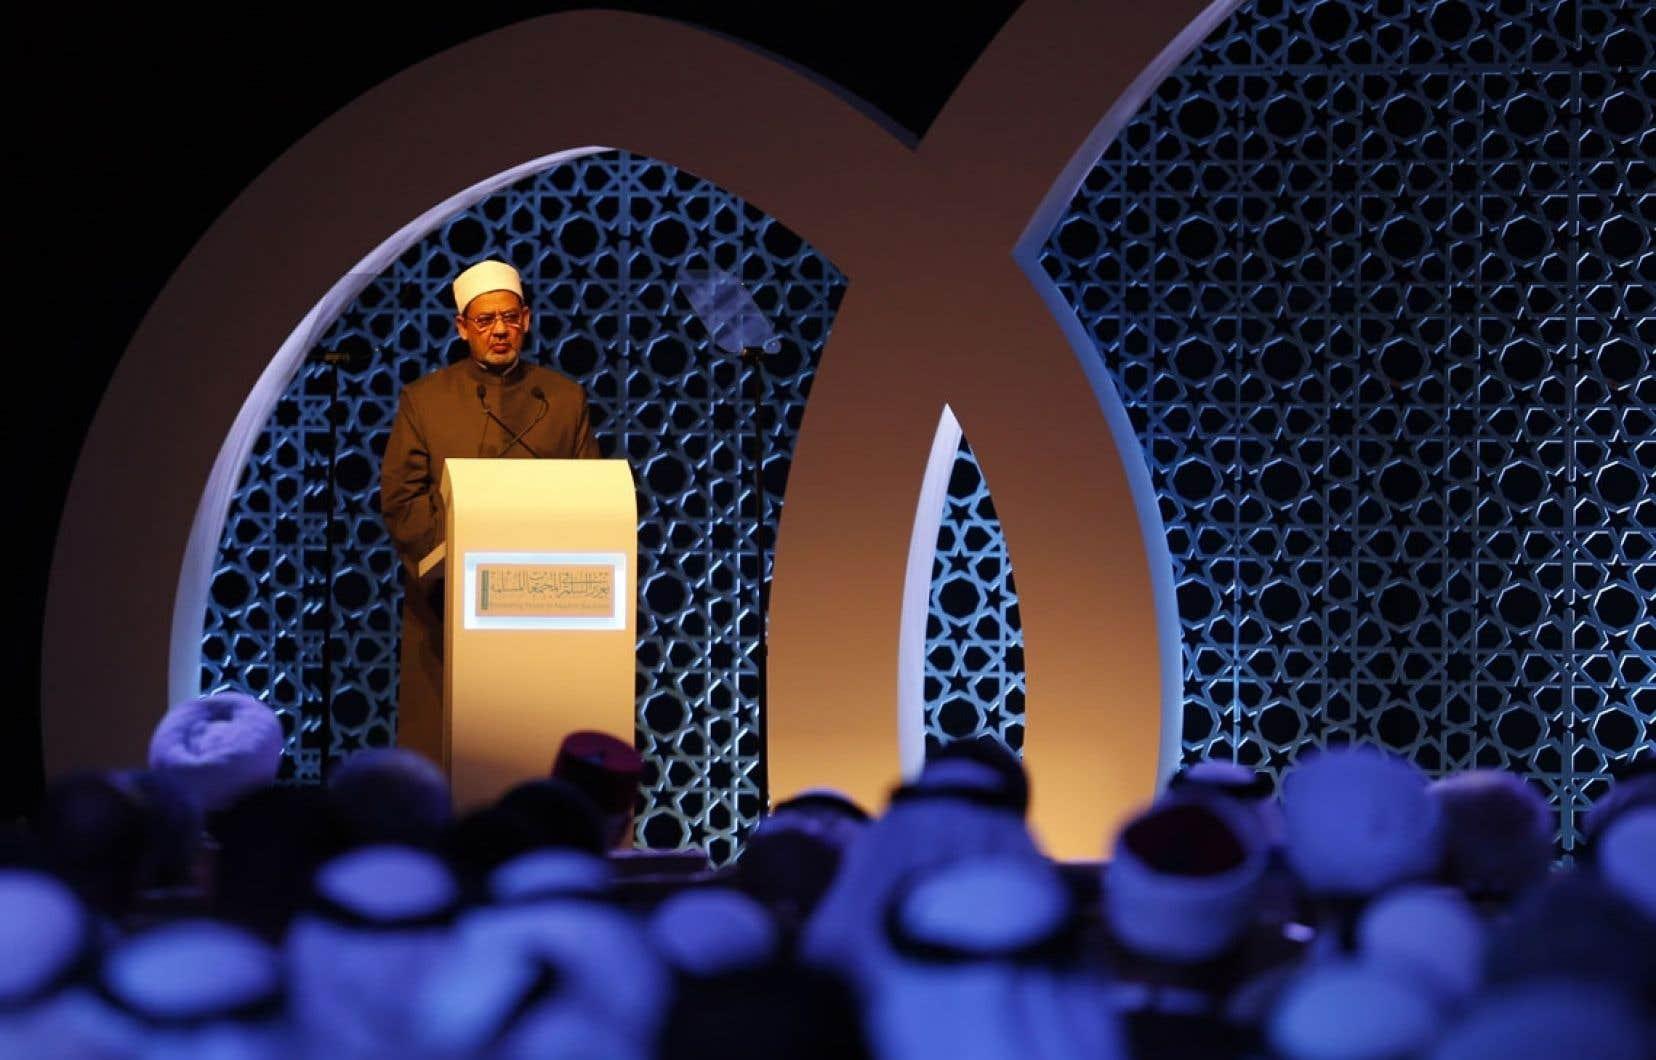 Ahmed el Tayeb, cheikh d'Al Azhar, plus haute autorité de l'islam sunnite qui s'est rangée contre le président égyptien islamiste déchu Mohamed Morsi, a ouvert le congrès à Abou Dhabi.